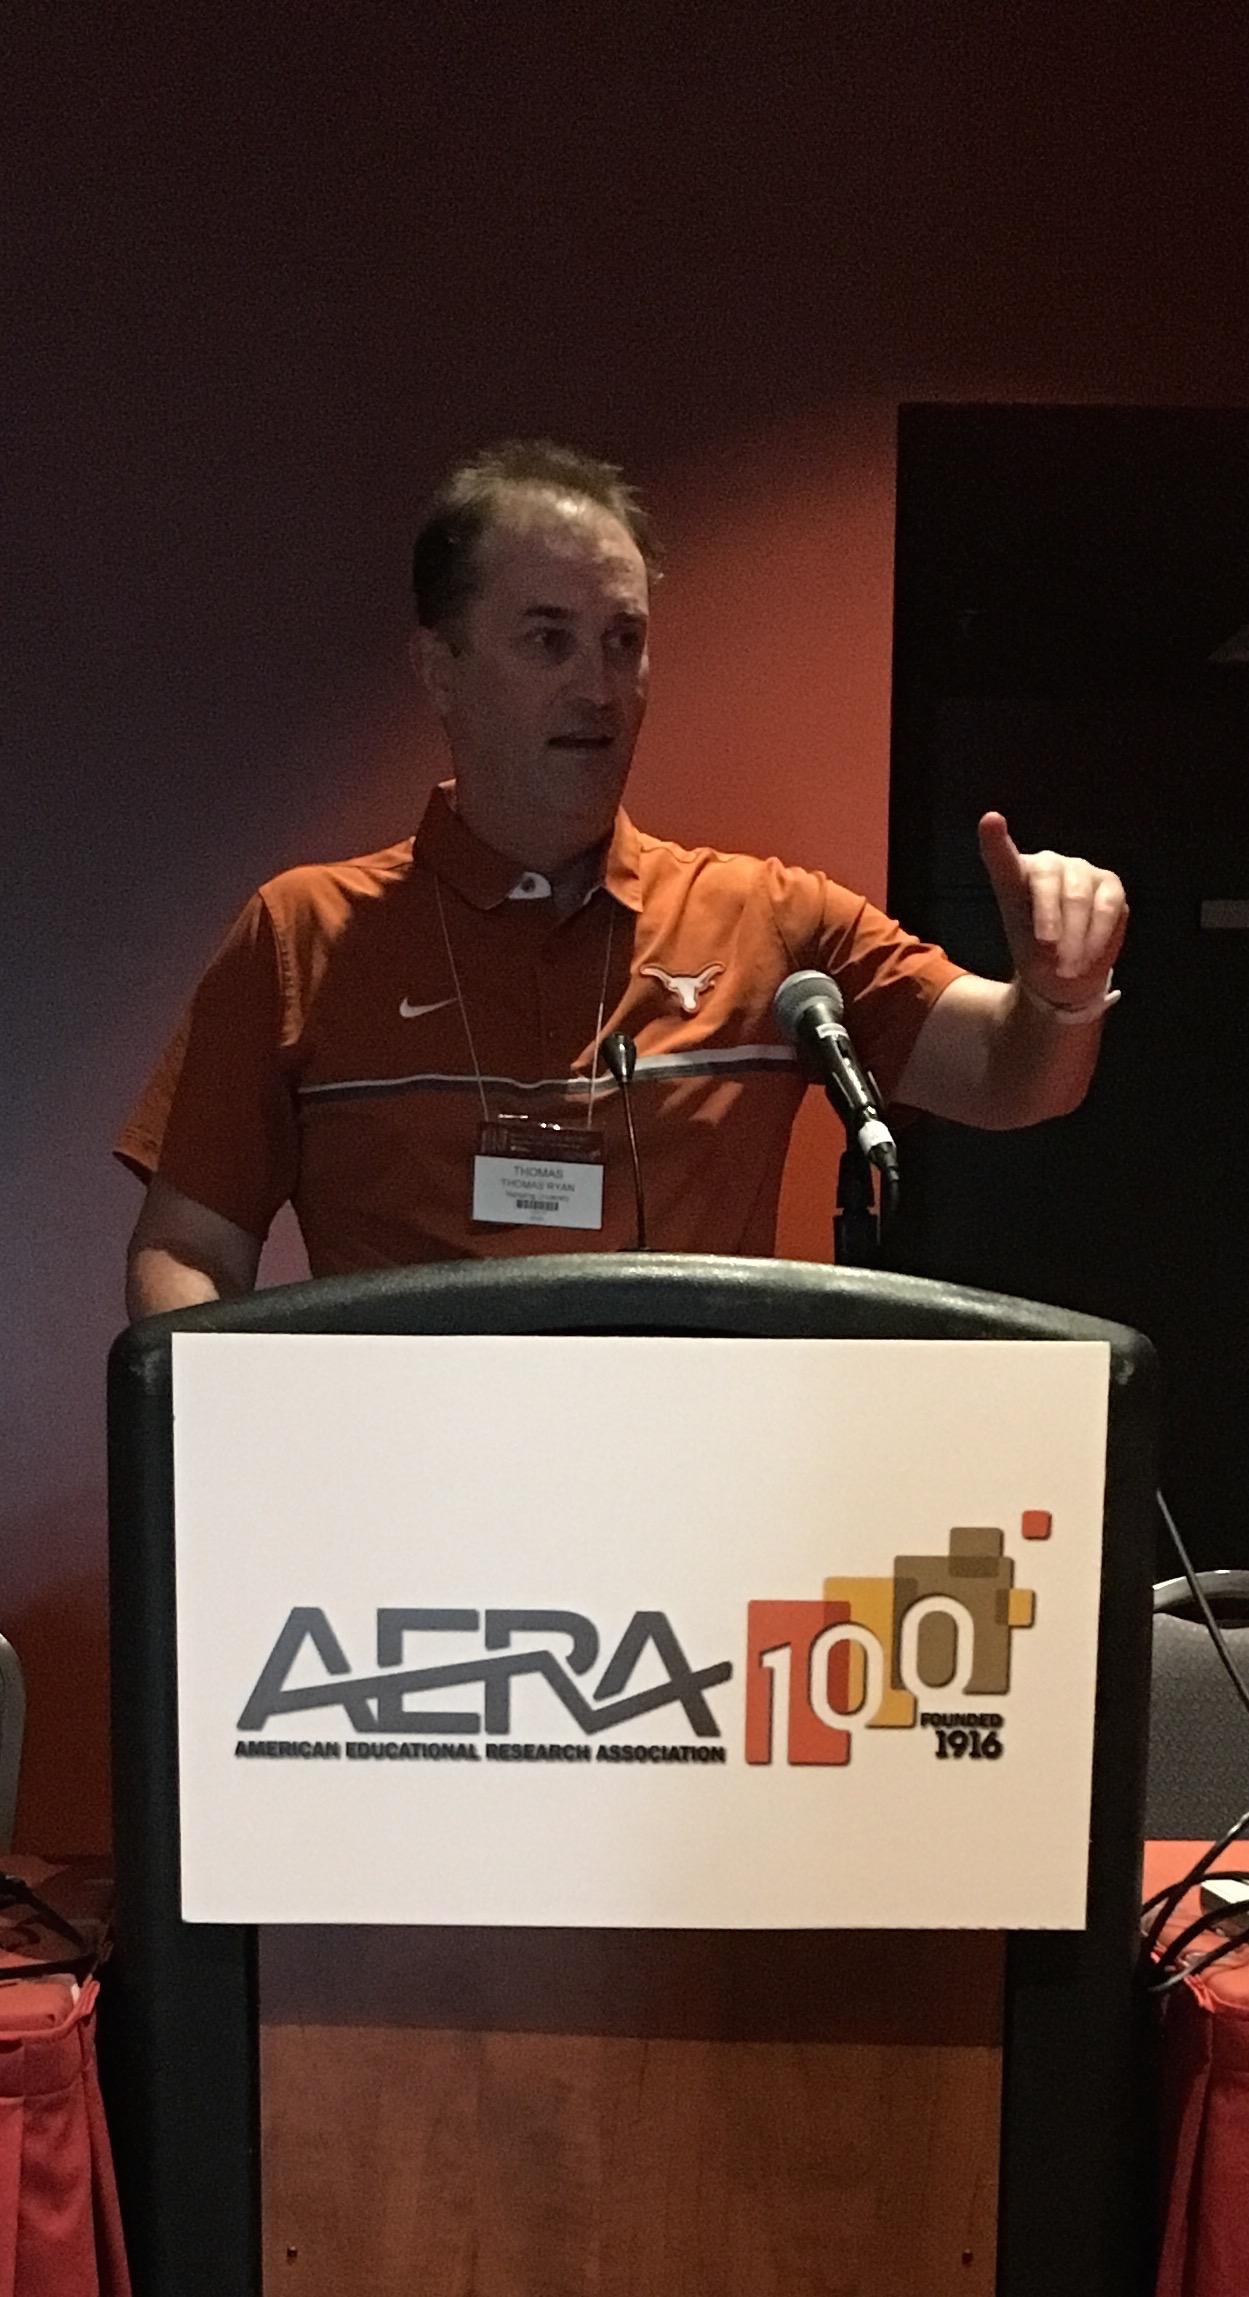 San Antonio, Texas - AERA 2017